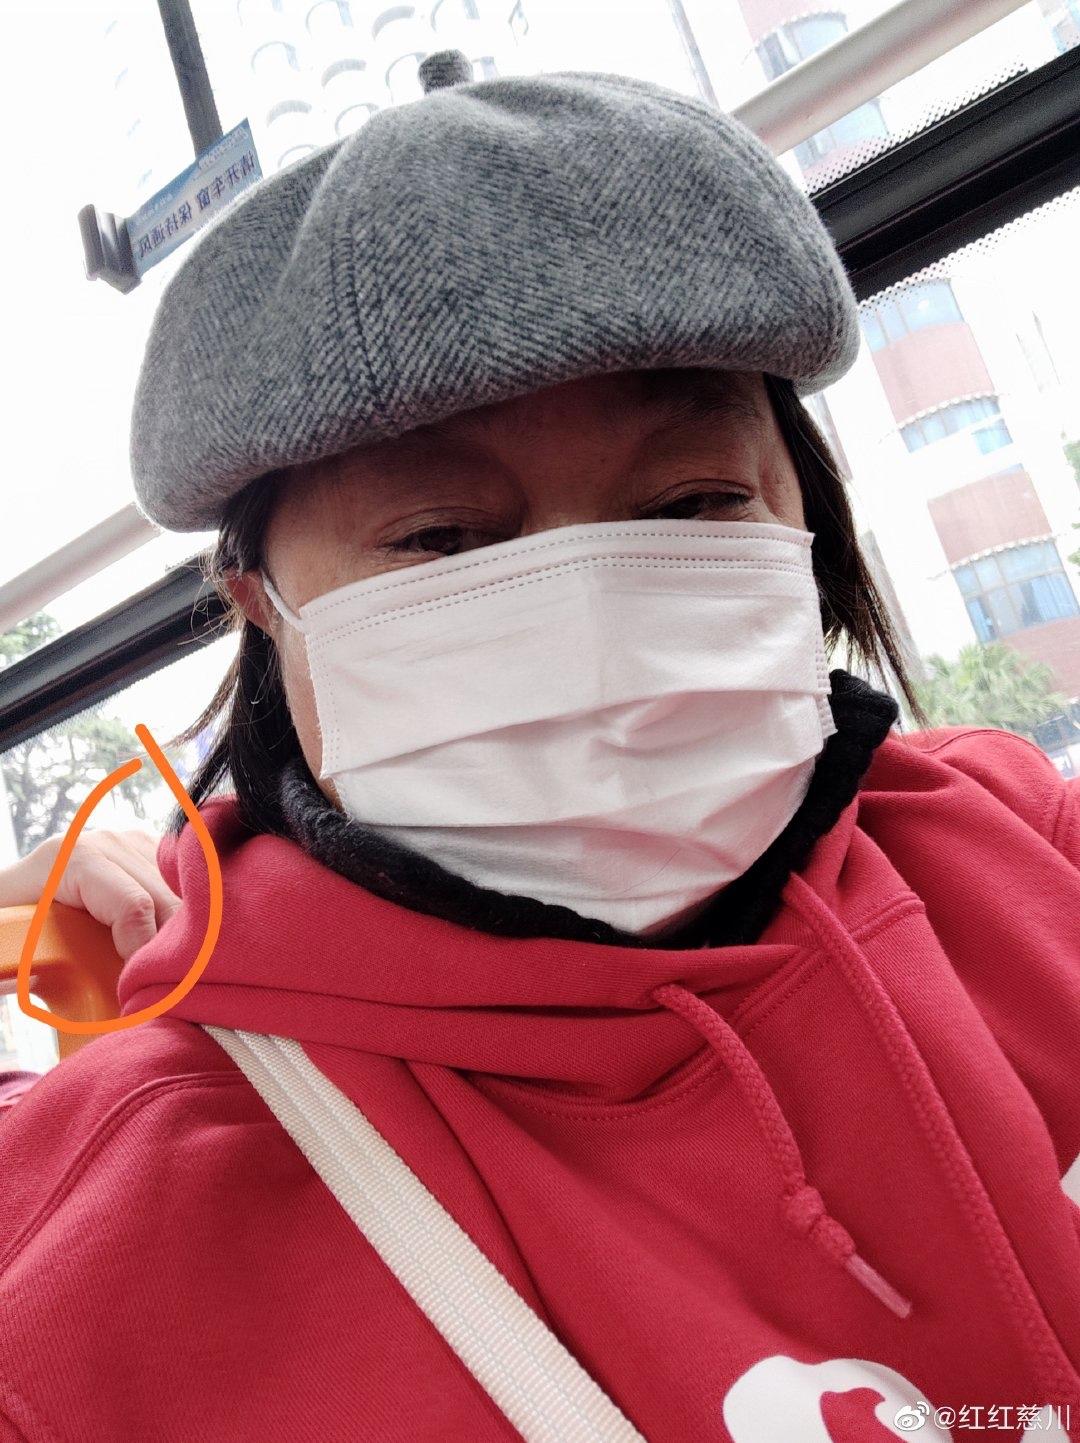 三五粉_图1-1